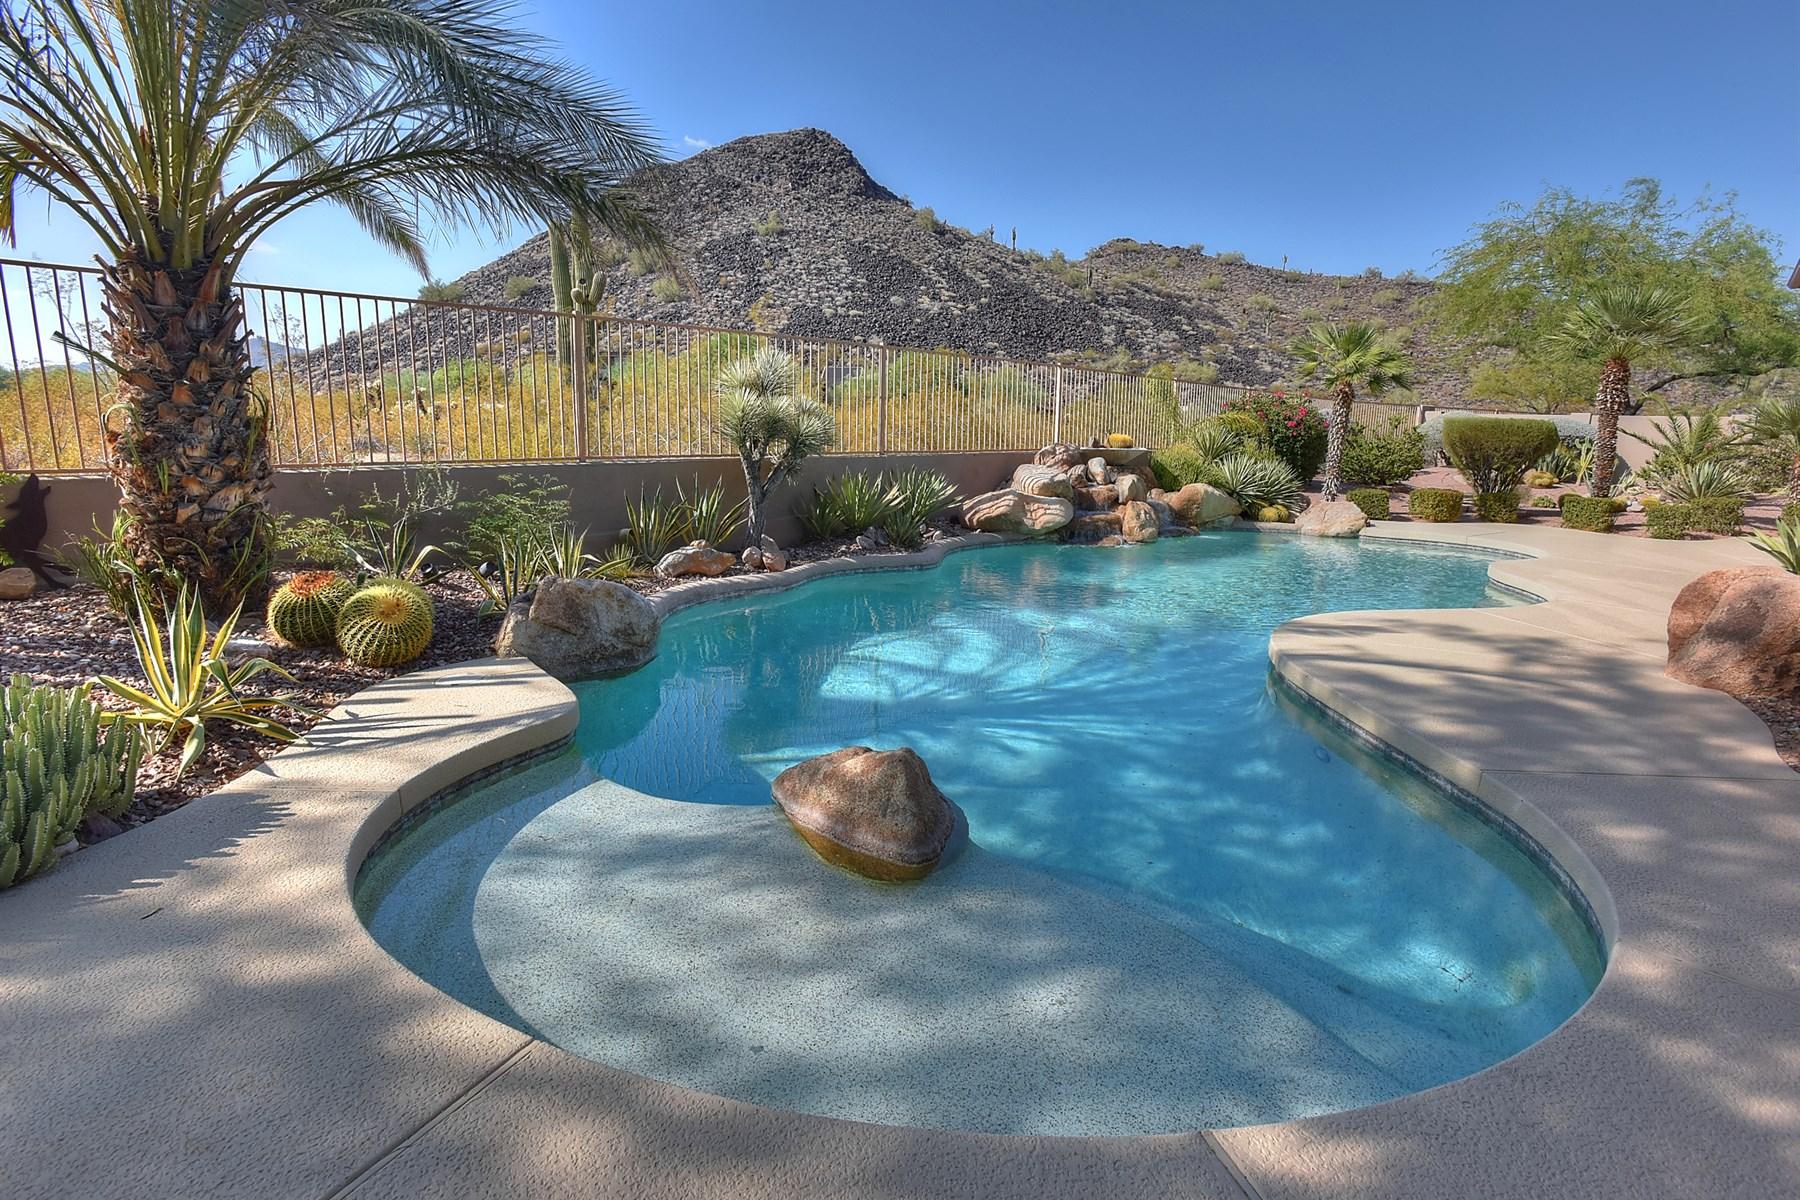 단독 가정 주택 용 매매 에 An executive home on a 1.15 acre Lot in a prestigious, gated community. 13284 E APPALOOSA PL Scottsdale, 아리조나 85259 미국